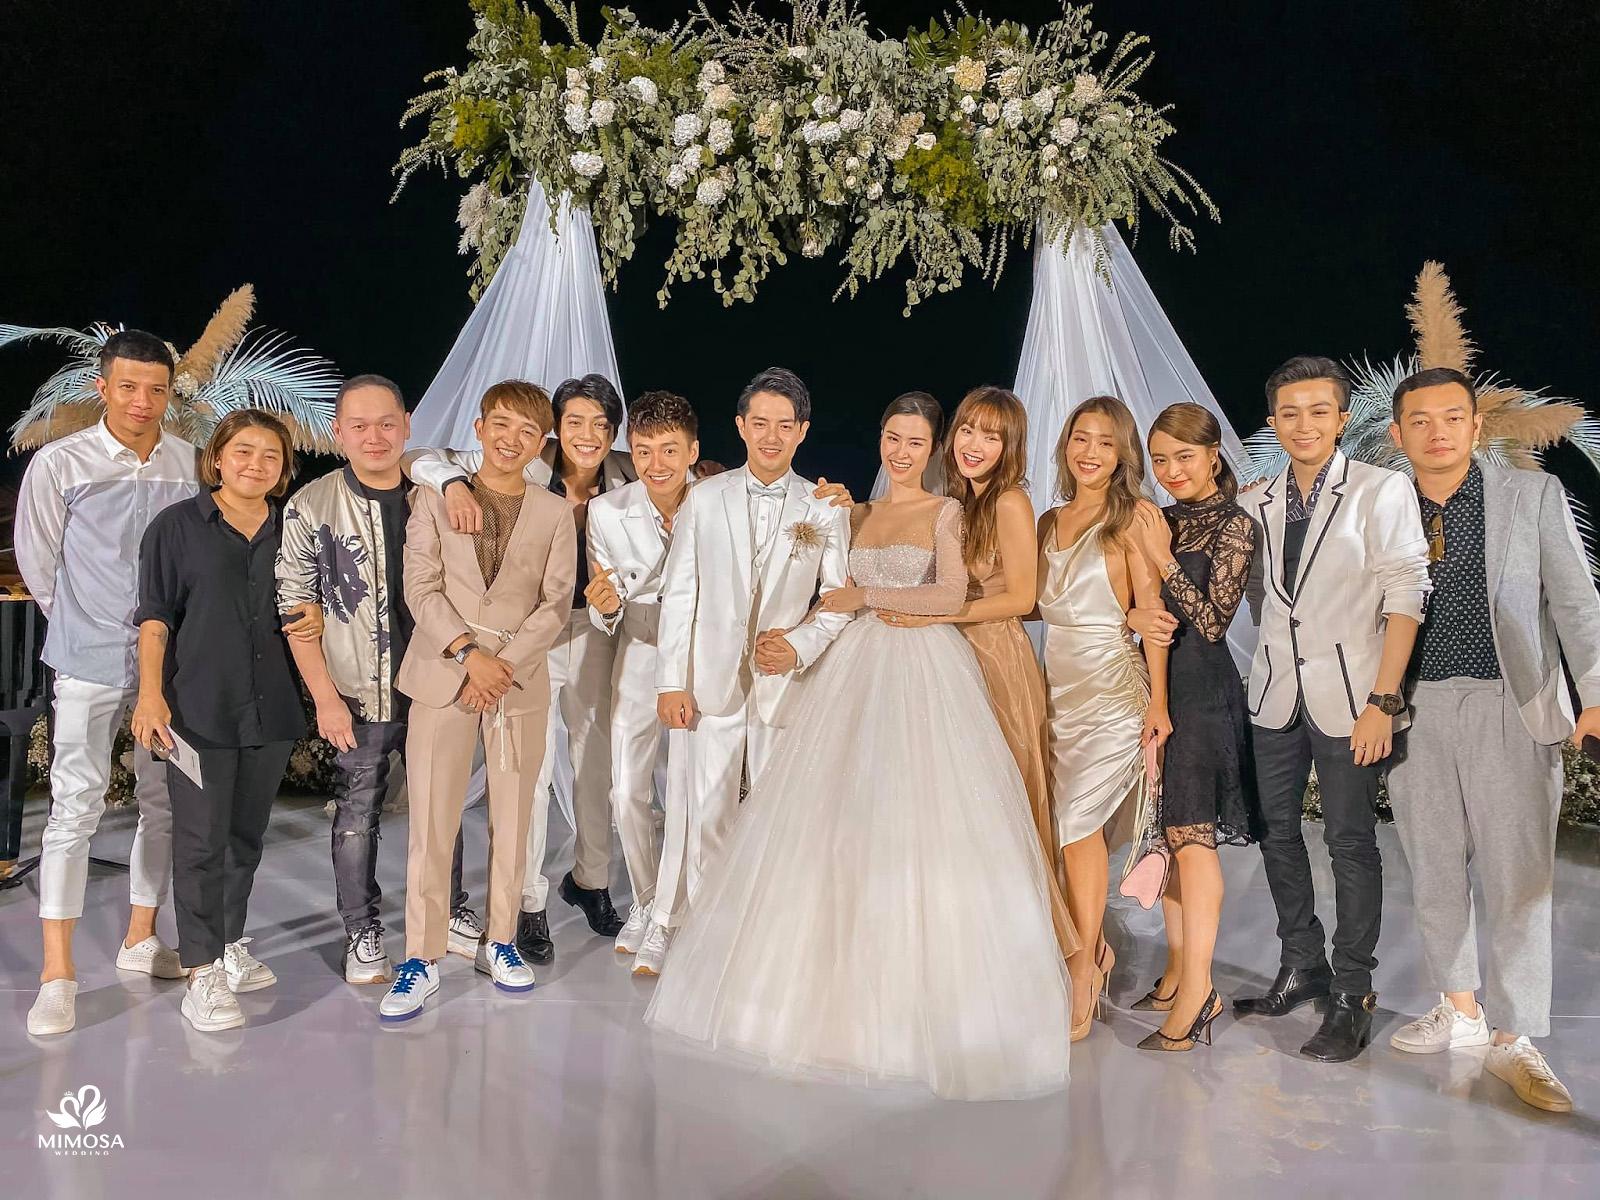 Đi đám cưới nên mặc váy màu gì? 101 Cách phối đồ Cực Chất